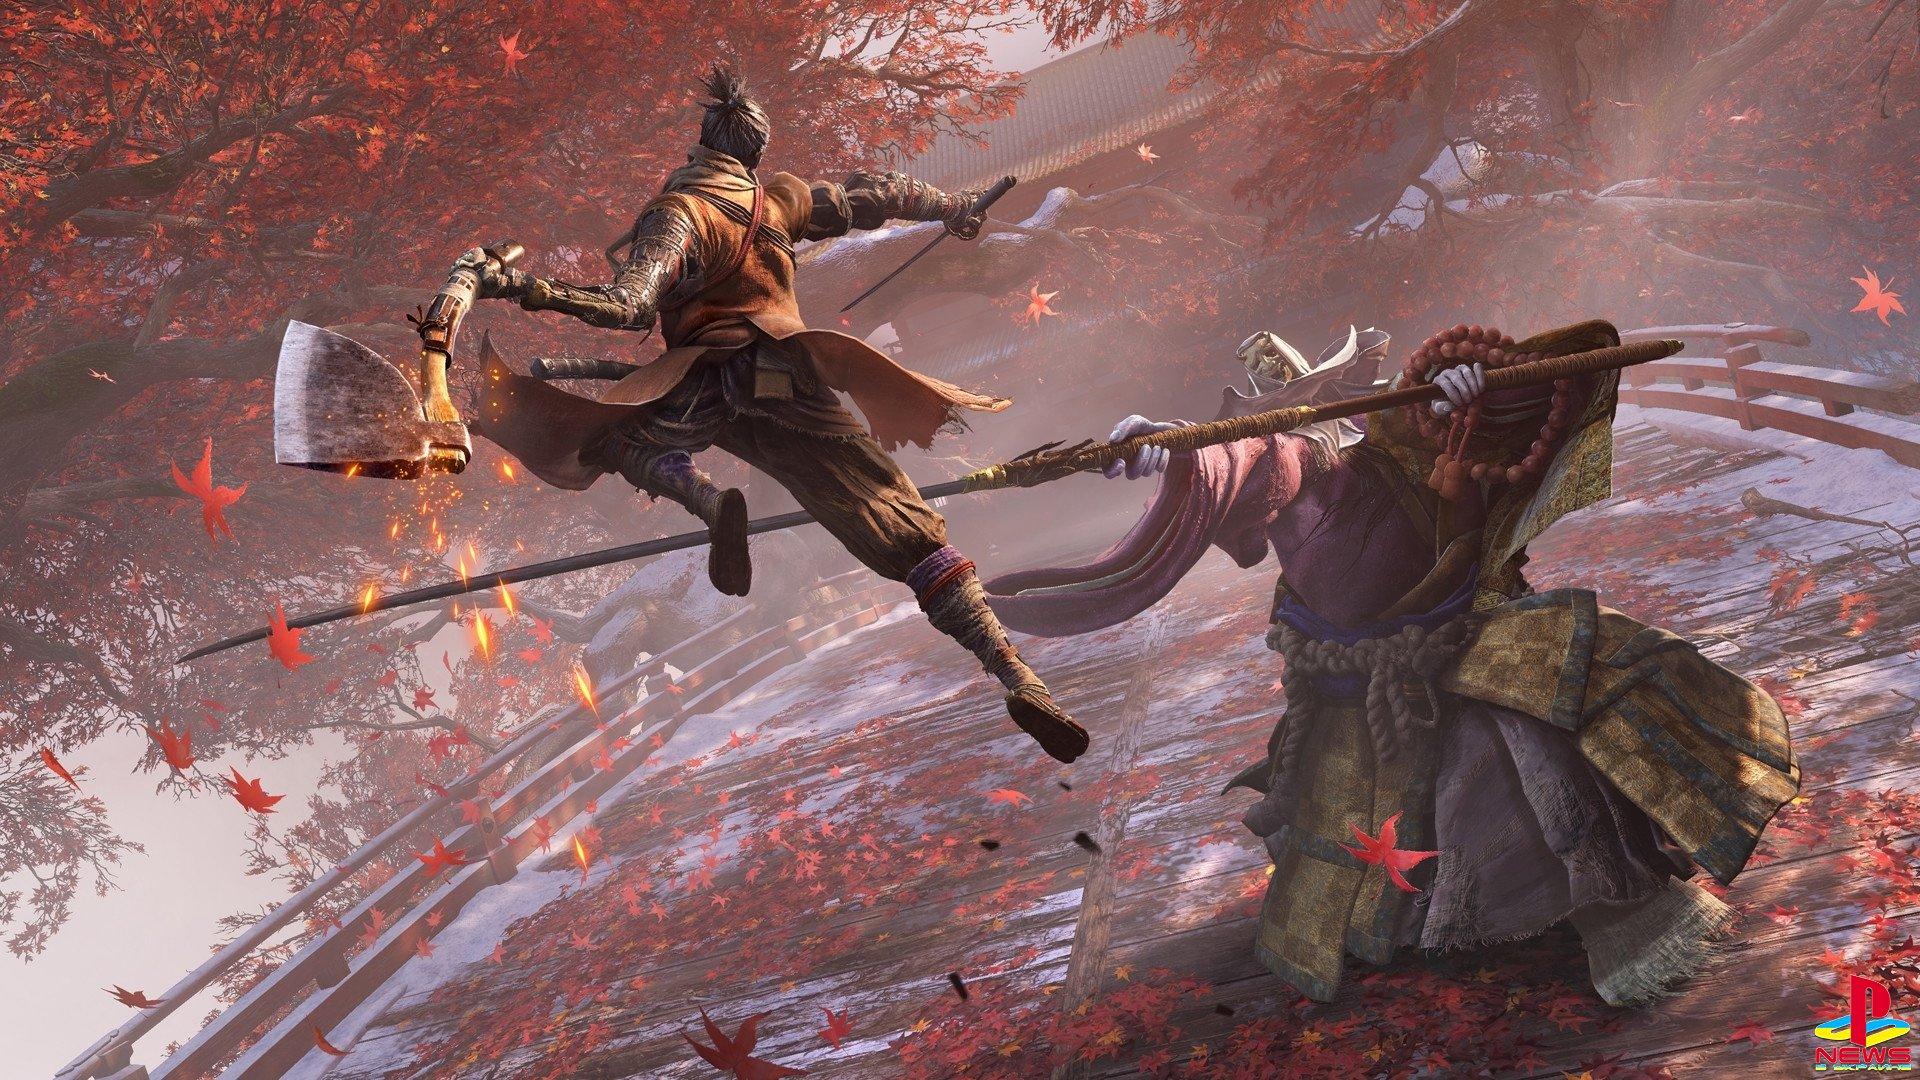 Sekiro: Shadows Die Twice – эксклюзивная демонстрация игры в магазине сети DNS